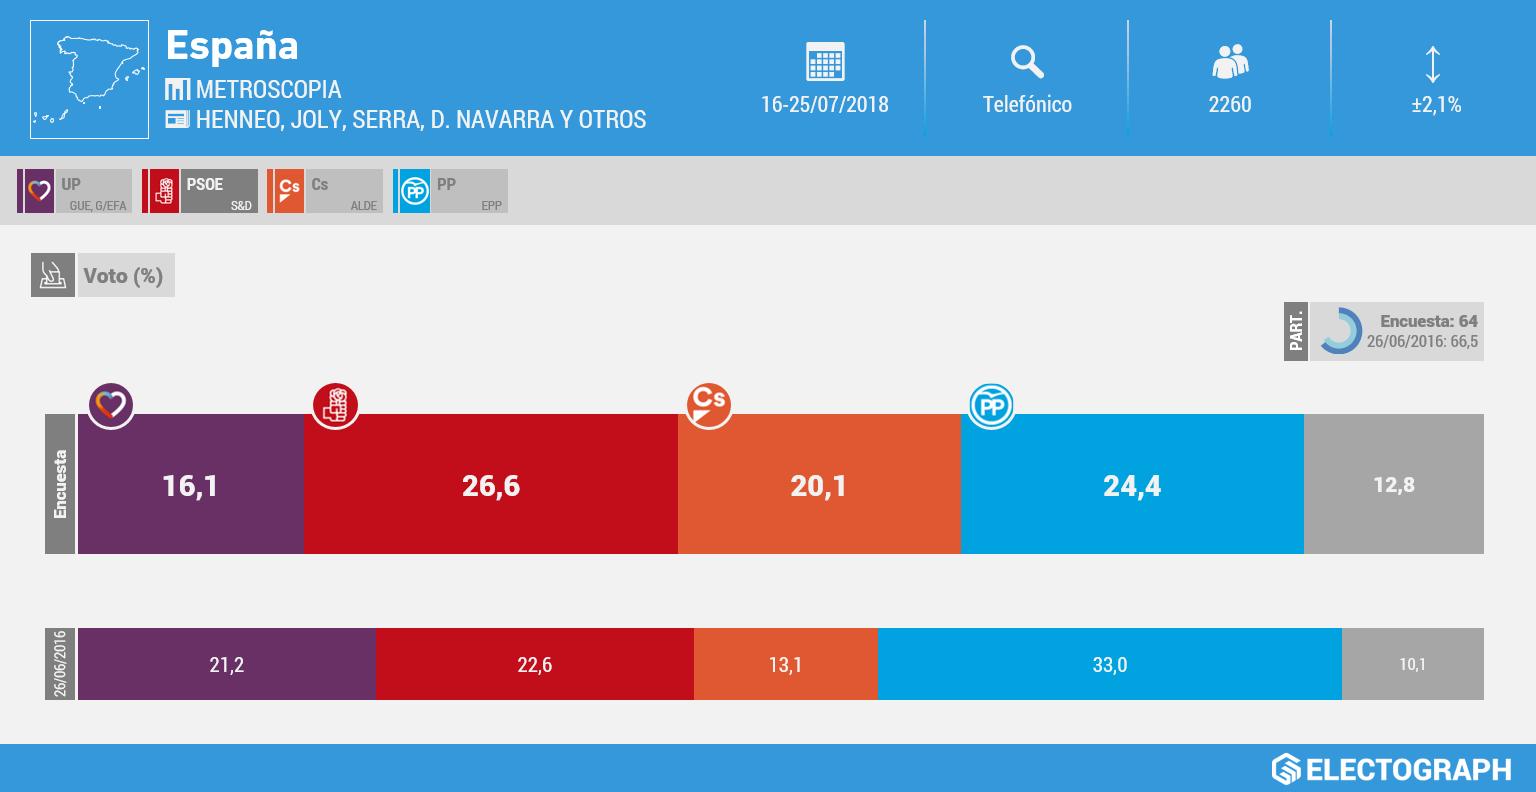 Gráfico de la encuesta para elecciones generales realizada por Metroscopia en julio de 2018